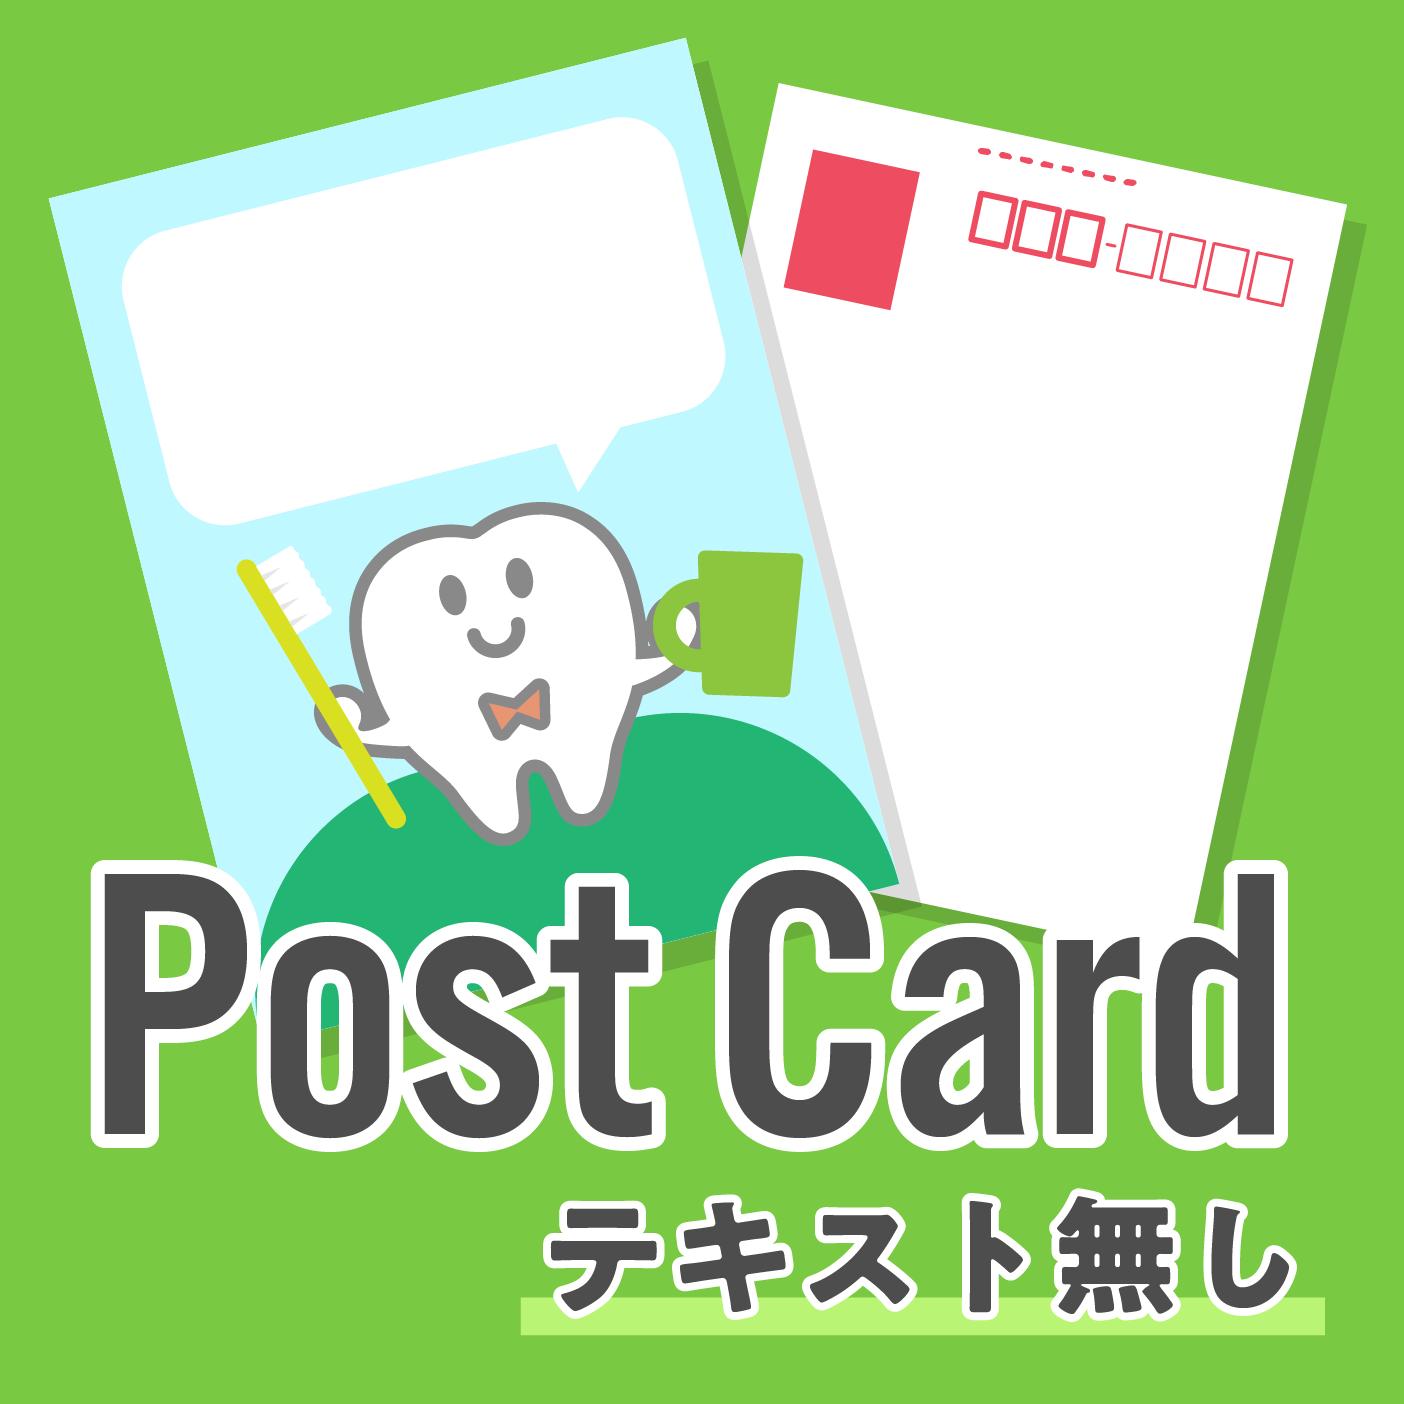 ハガキ(テキスト無し)